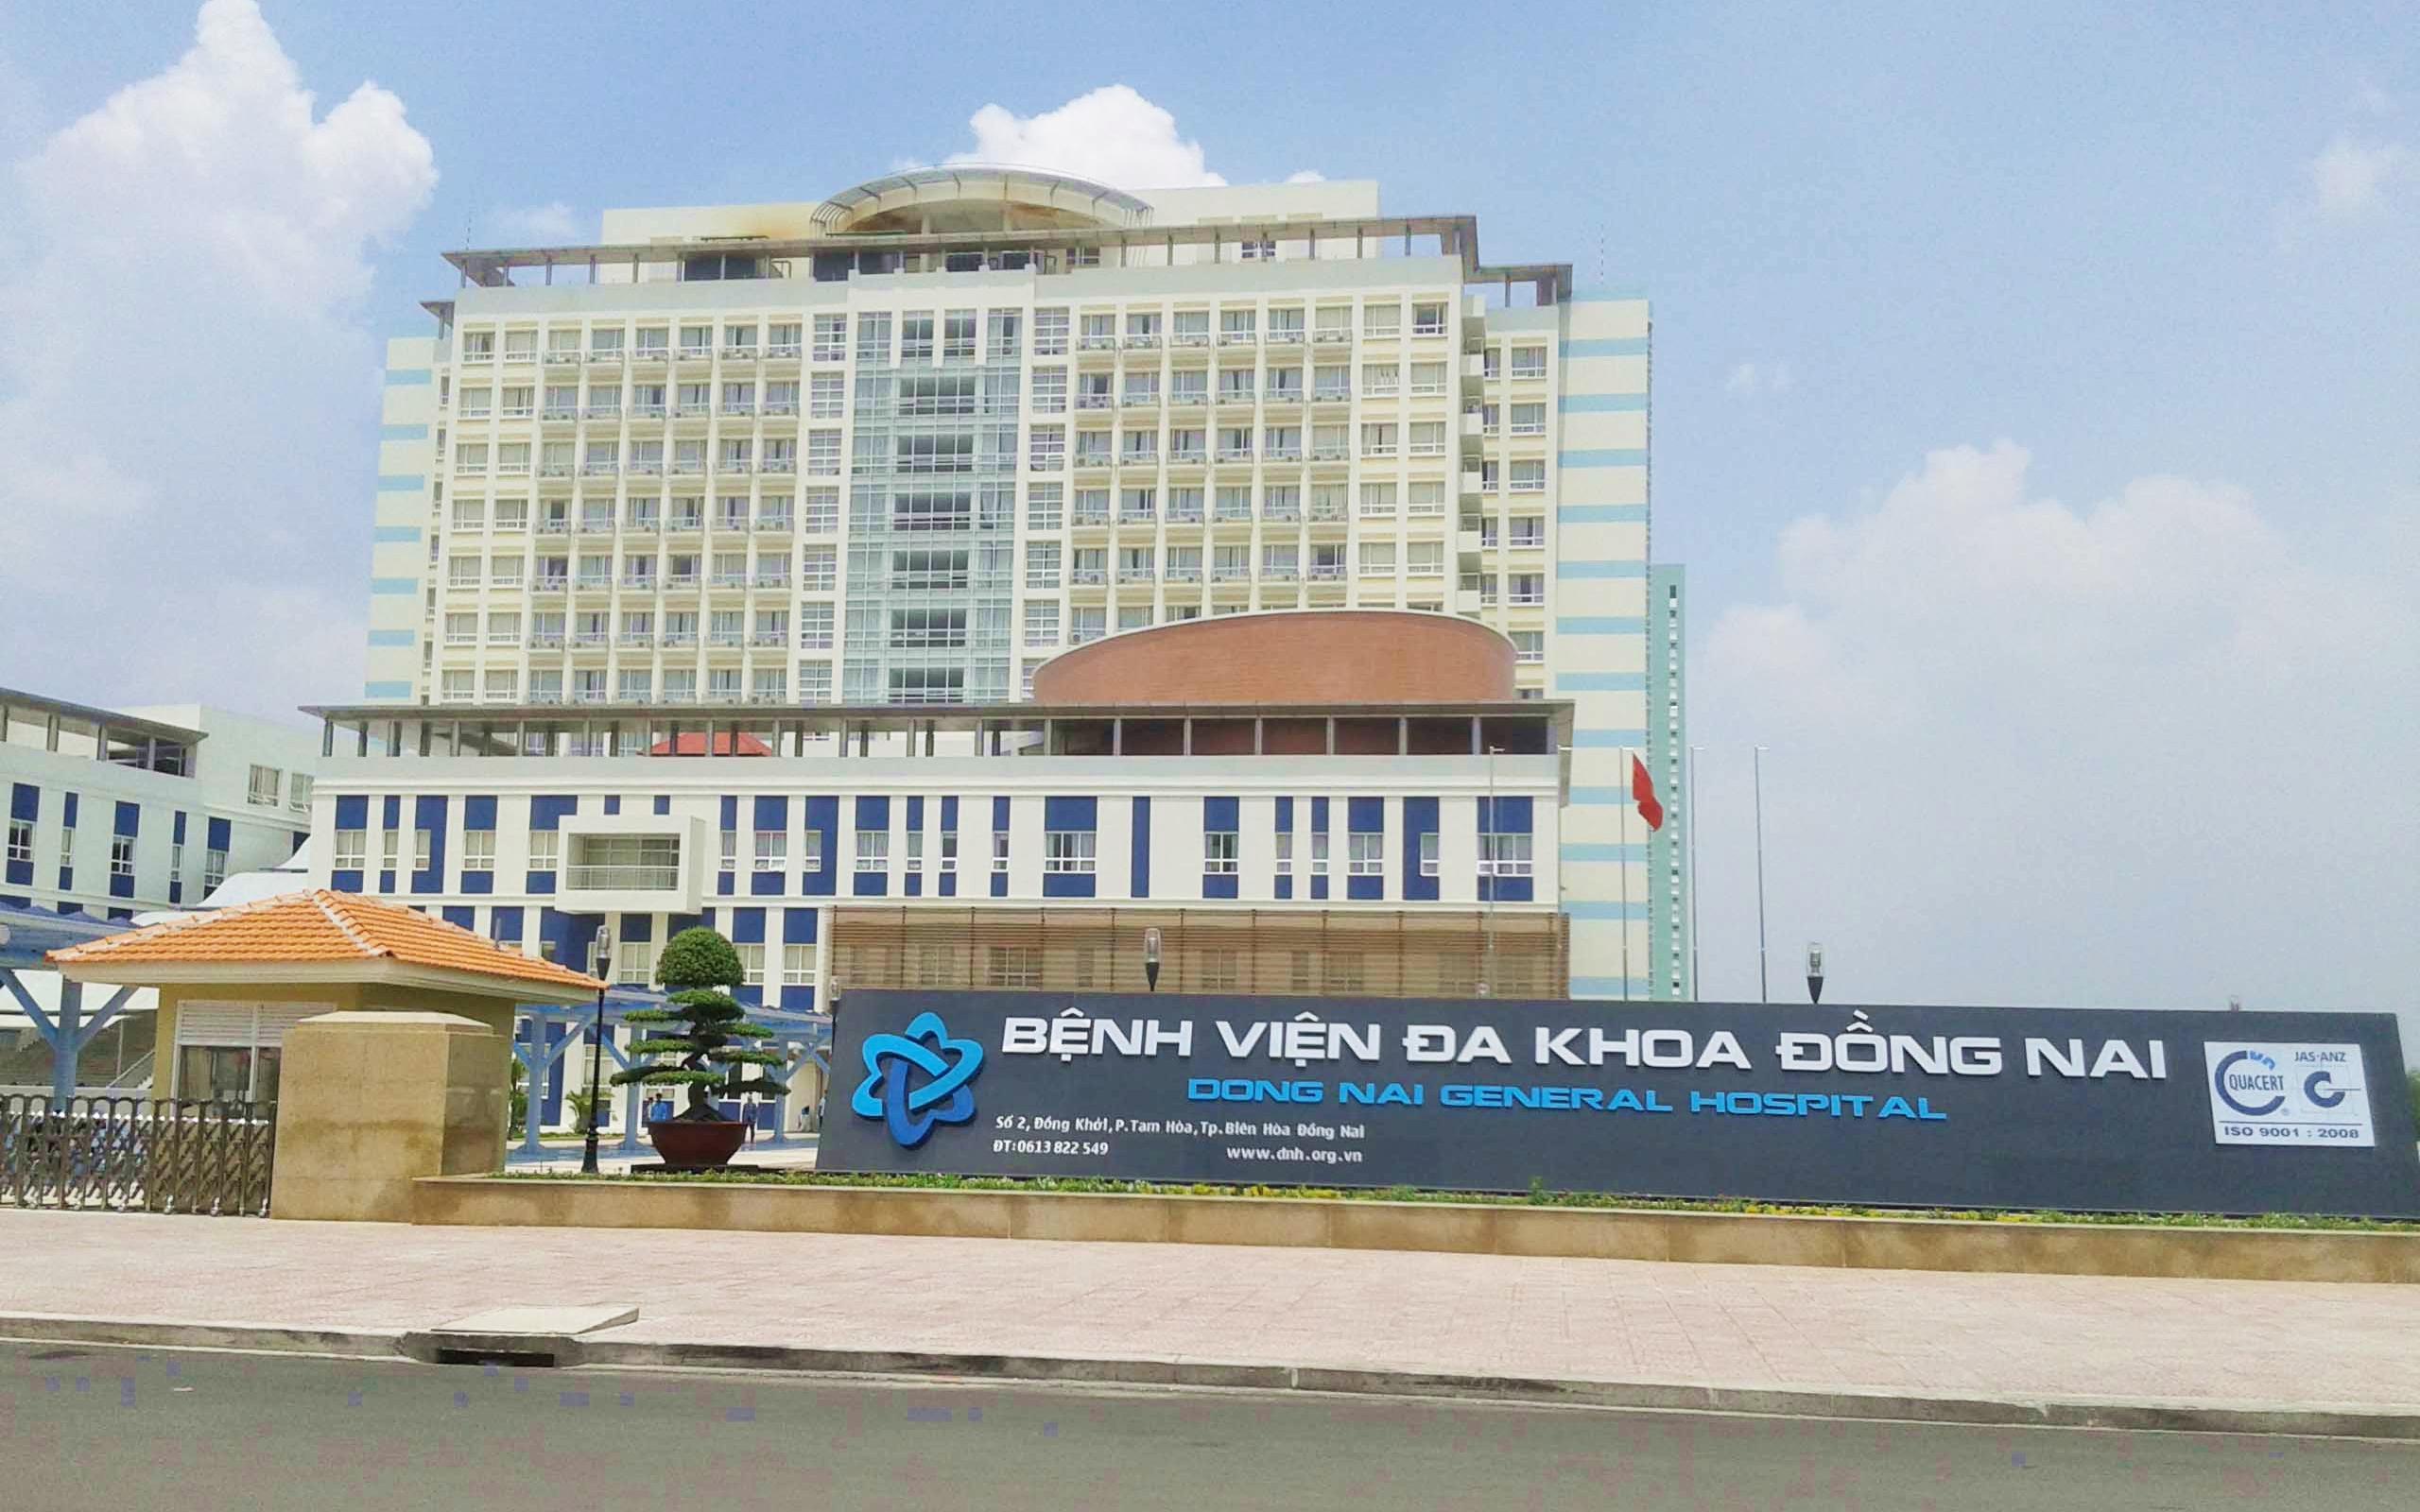 Bệnh viện Đa khoa Đồng Nai - phòng khám nam khoa ở Đồng Nai